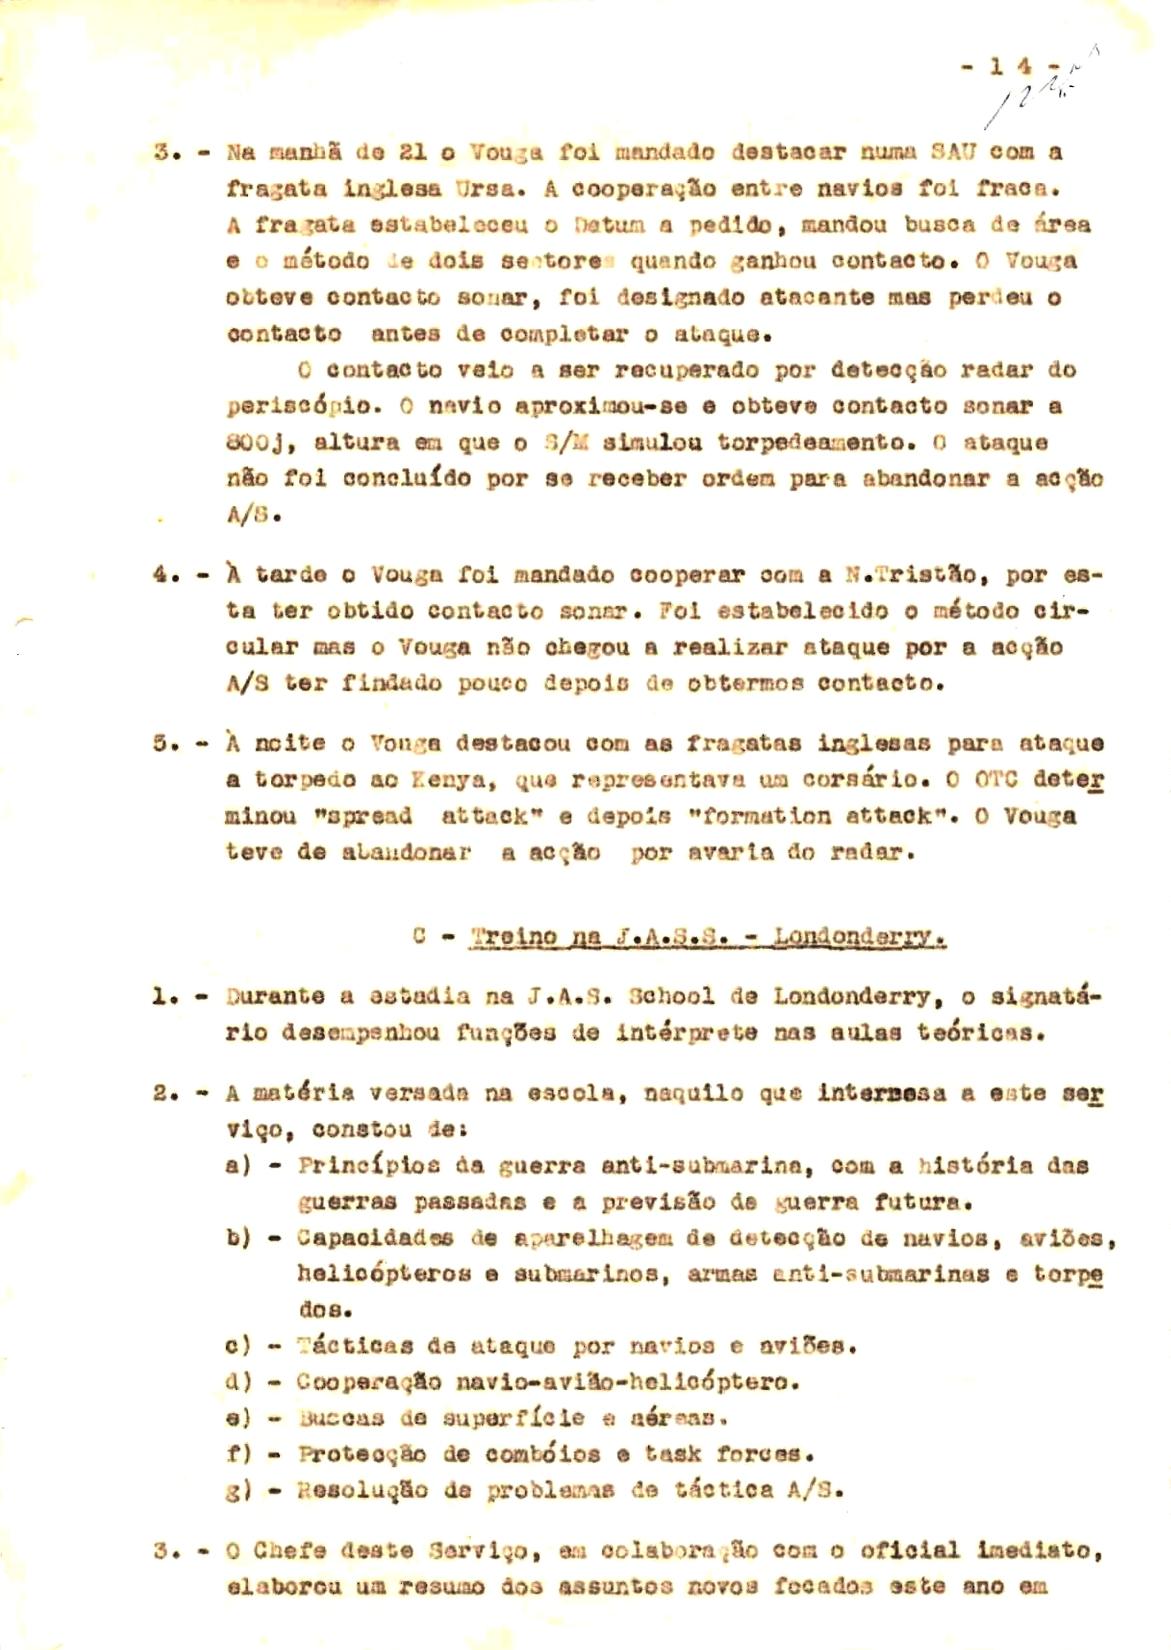 00351 57-10-21 cópia do Relatório do Chefe do Serviço de Armas Submarina do CT Vouga 1º Ten Nunes da Silva-14